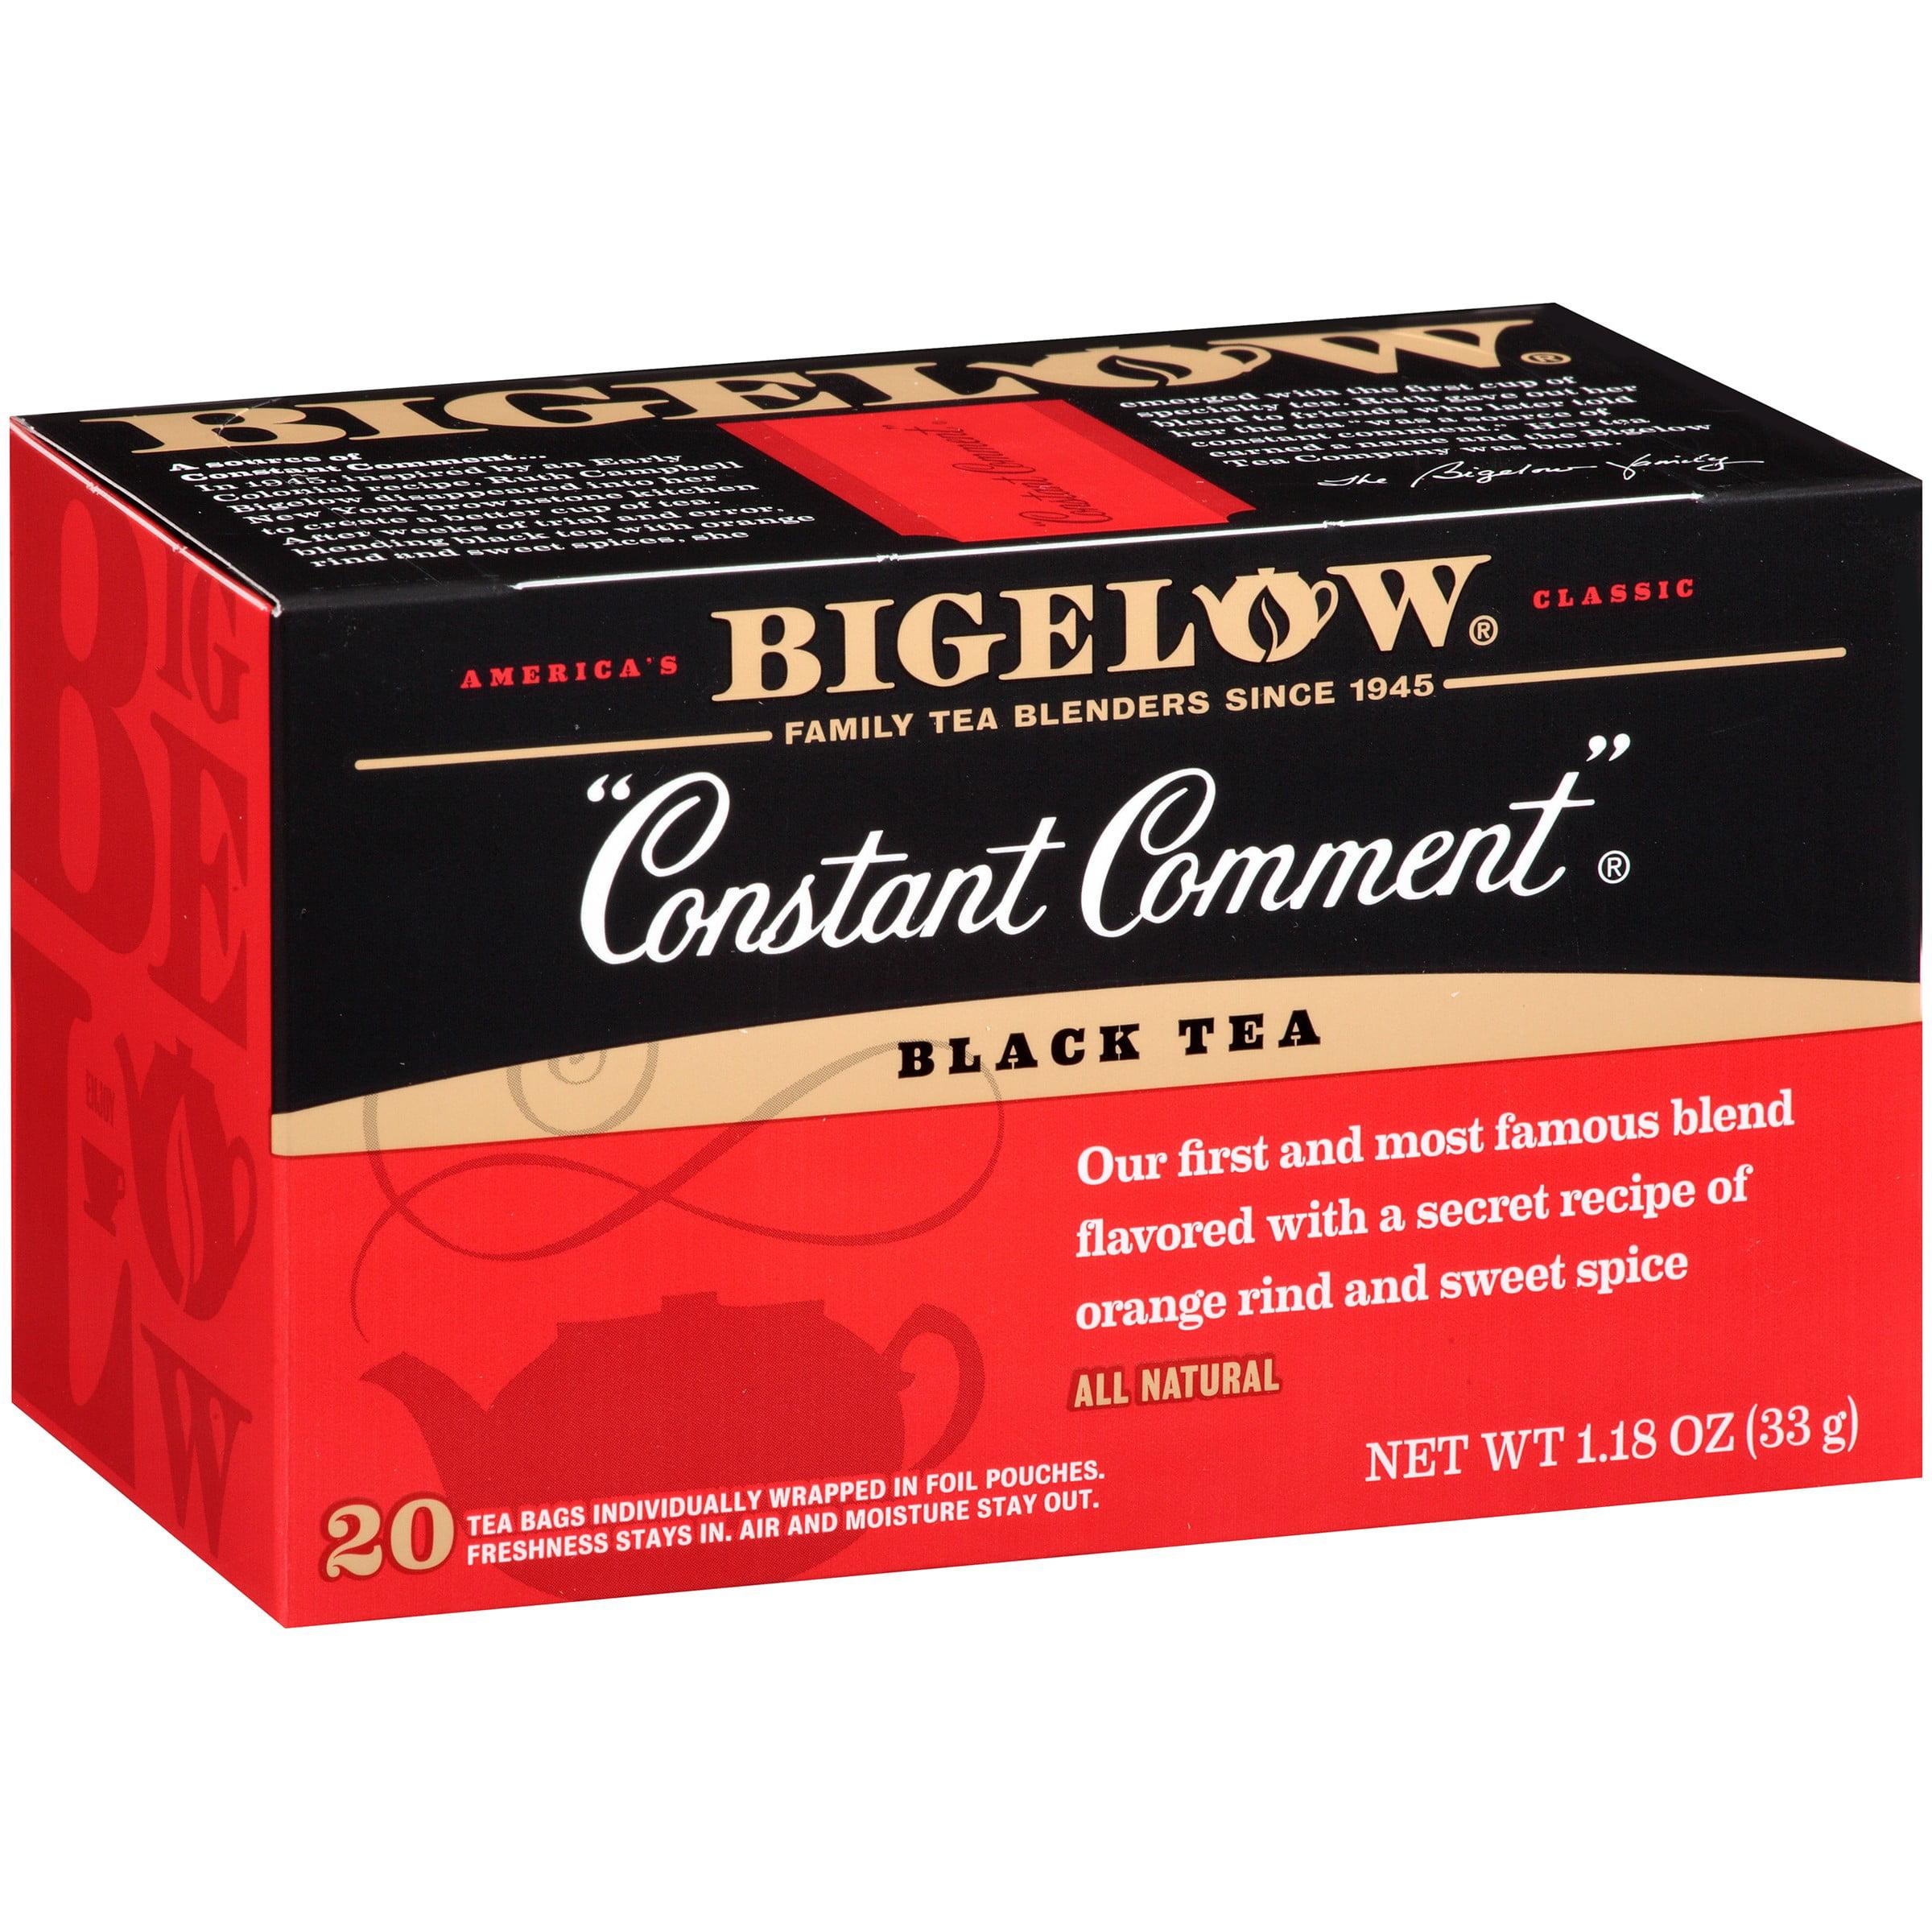 Bigelow Black Tea Constant Comment 20 CT by R.C. Bigelow, Inc.